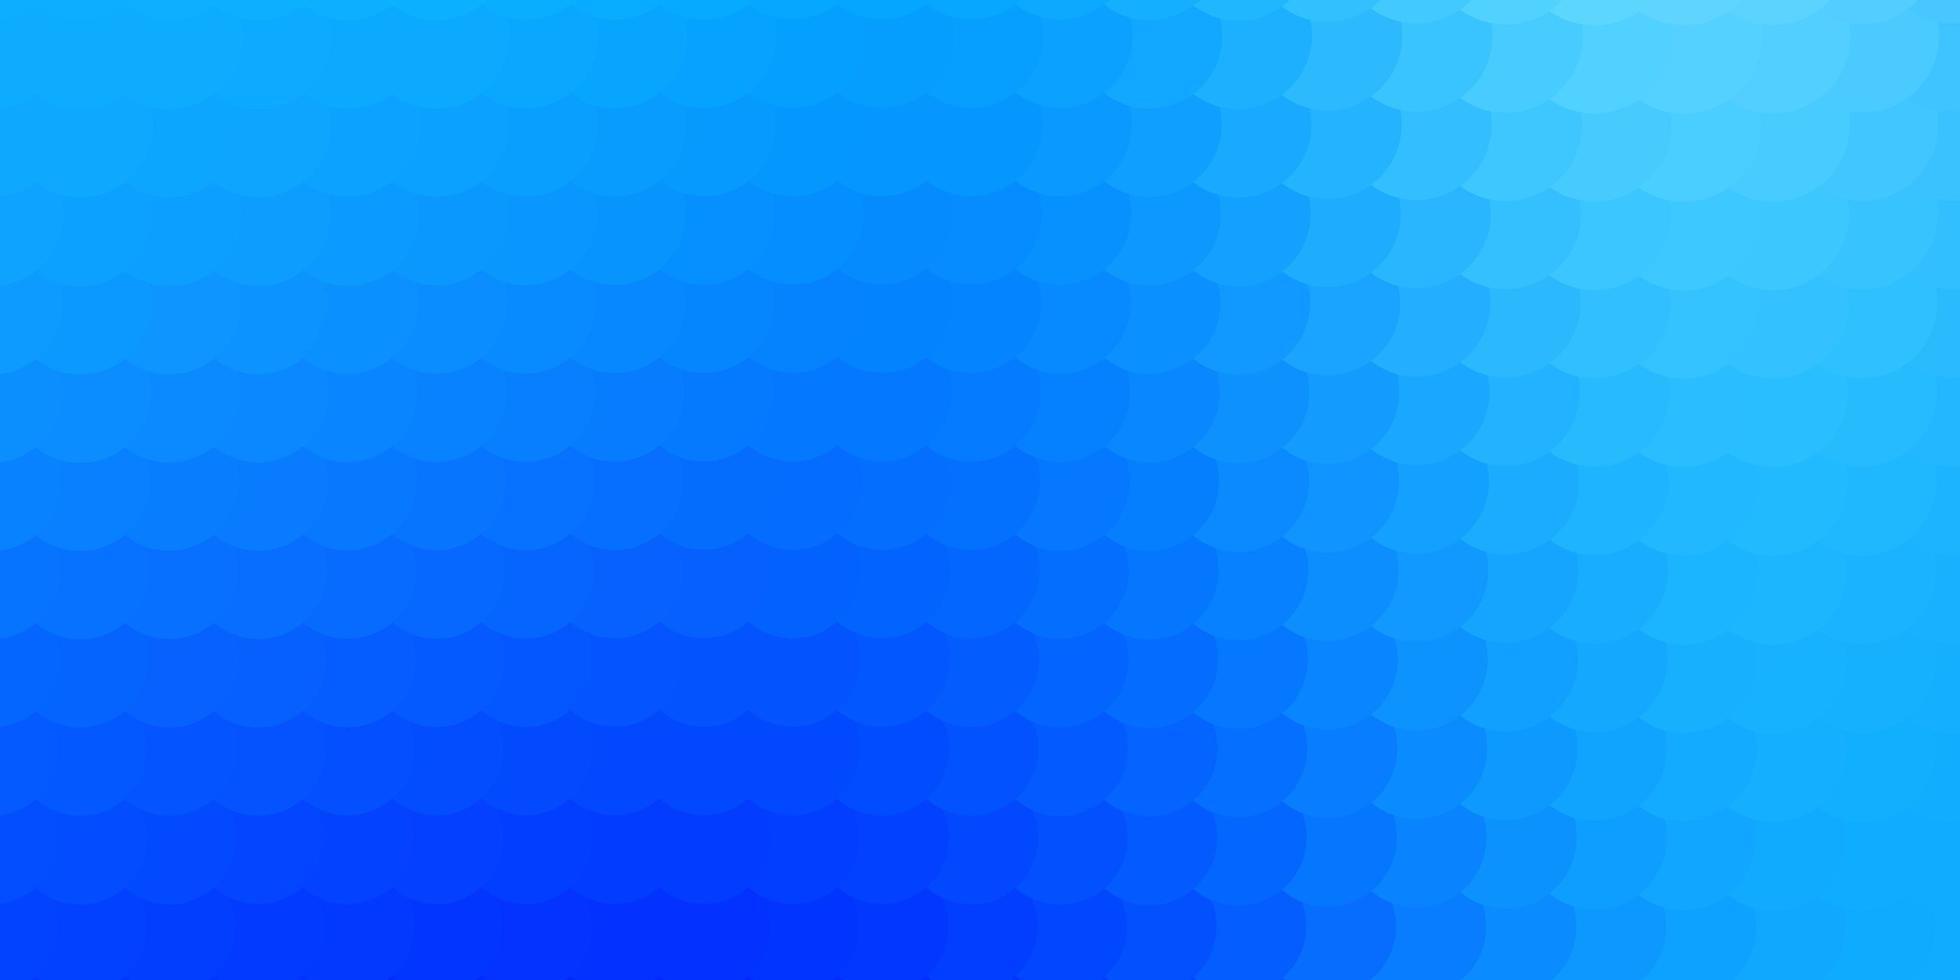 ljusblå vektormall med cirklar. vektor